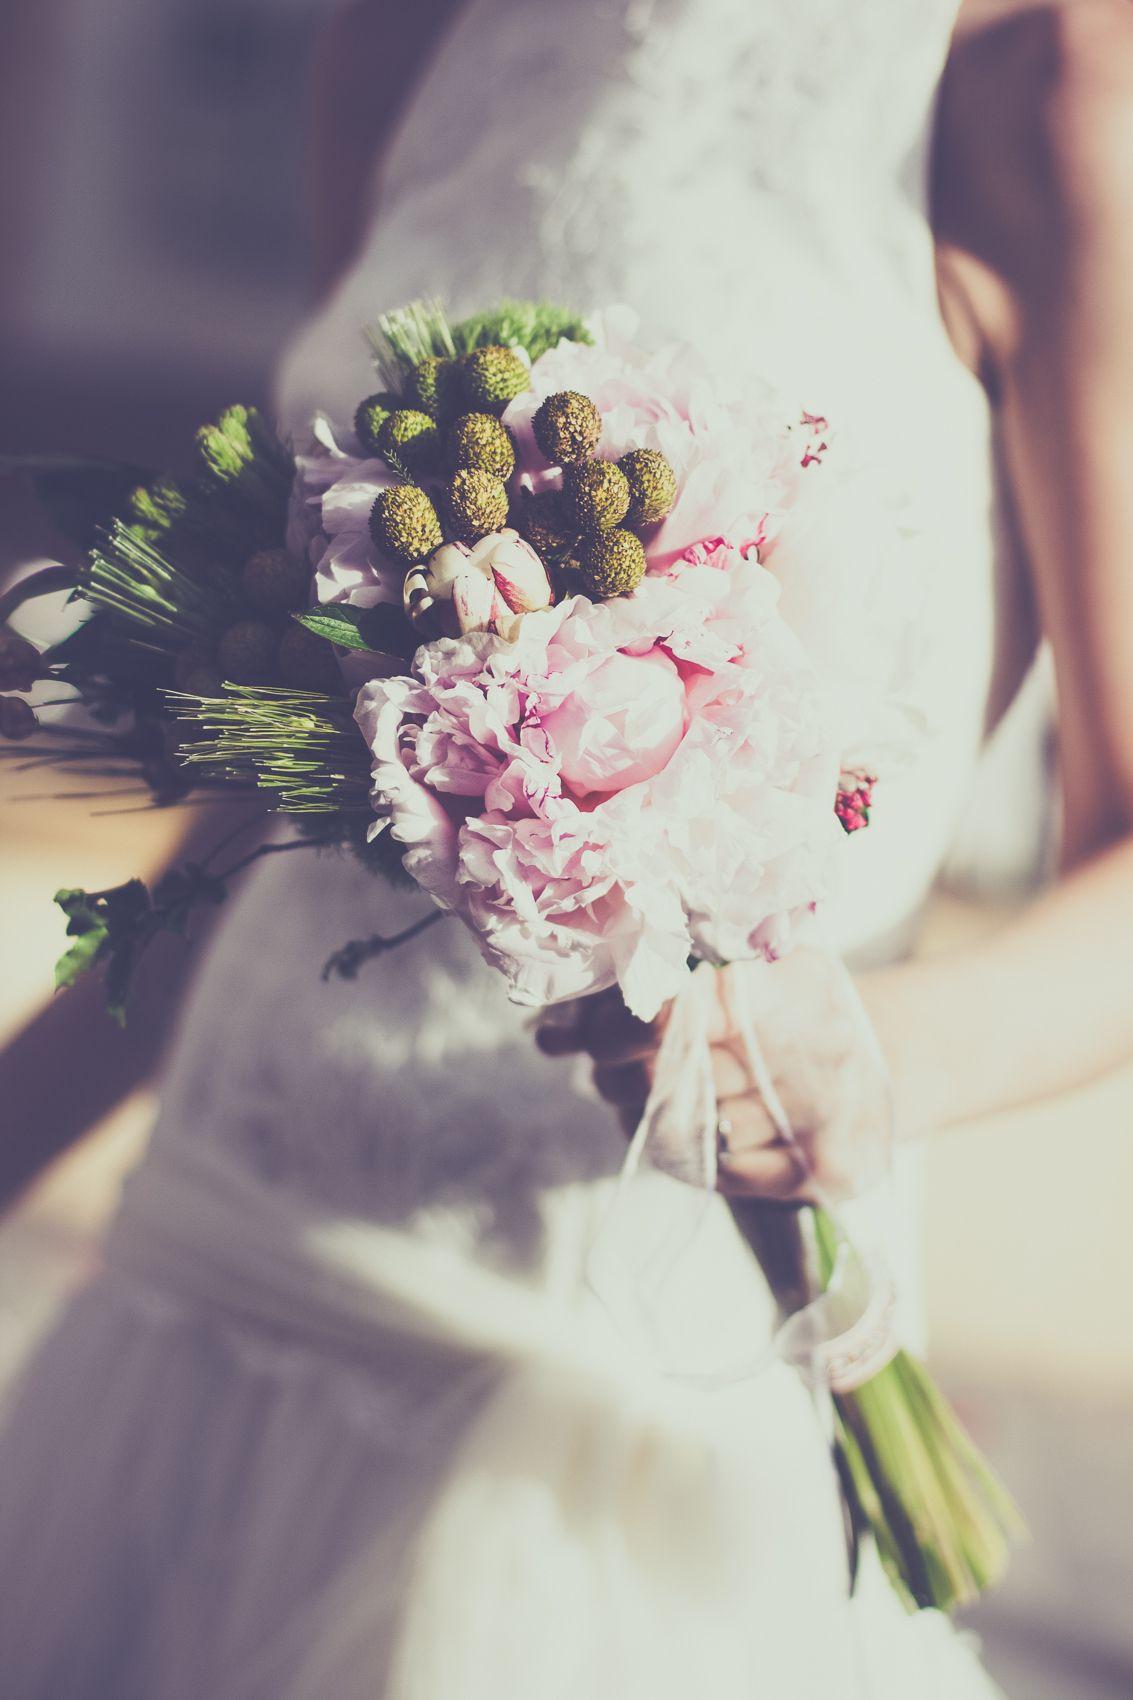 Detalle de ramos de novia. http://www.onlylovephoto.com/